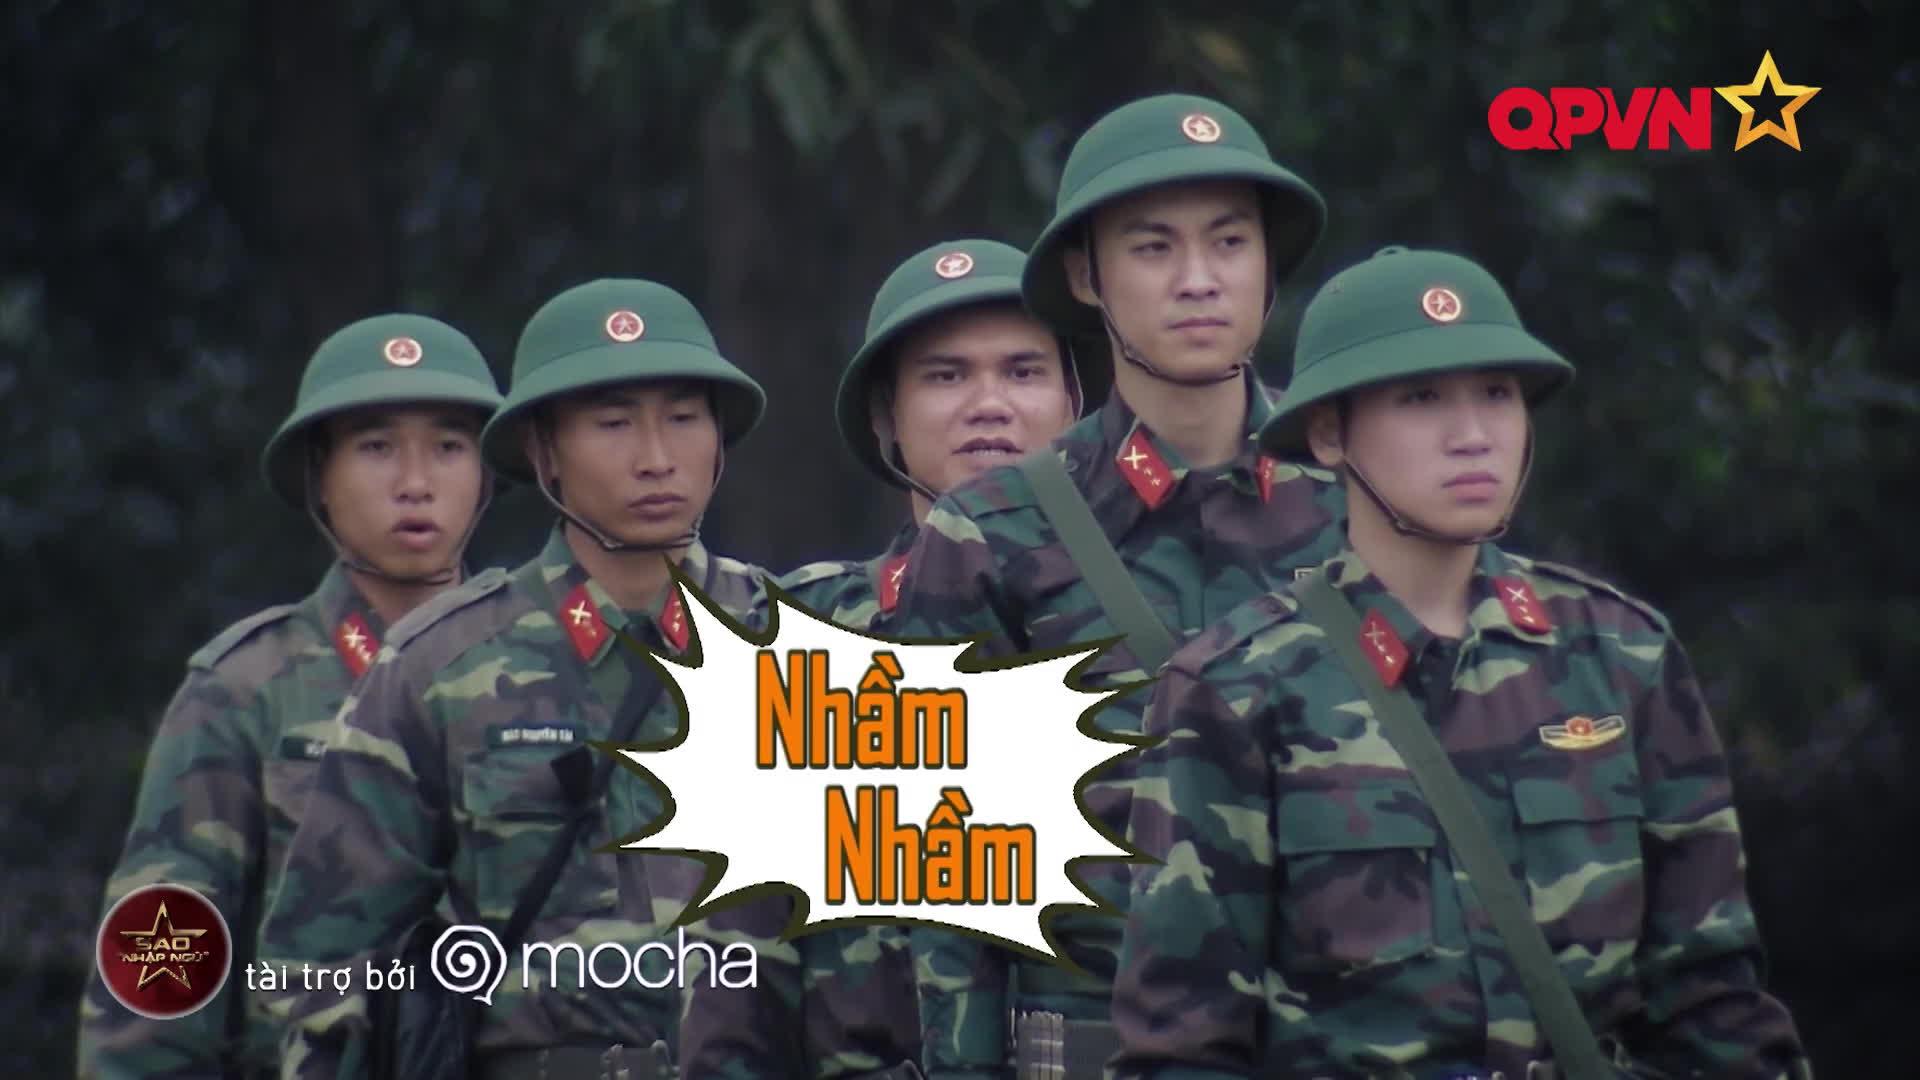 Sao nhập ngũ: Hương Giang, Mai Ngô nhập ngũ có gì khác so với Thanh Duy, Khắc Việt?